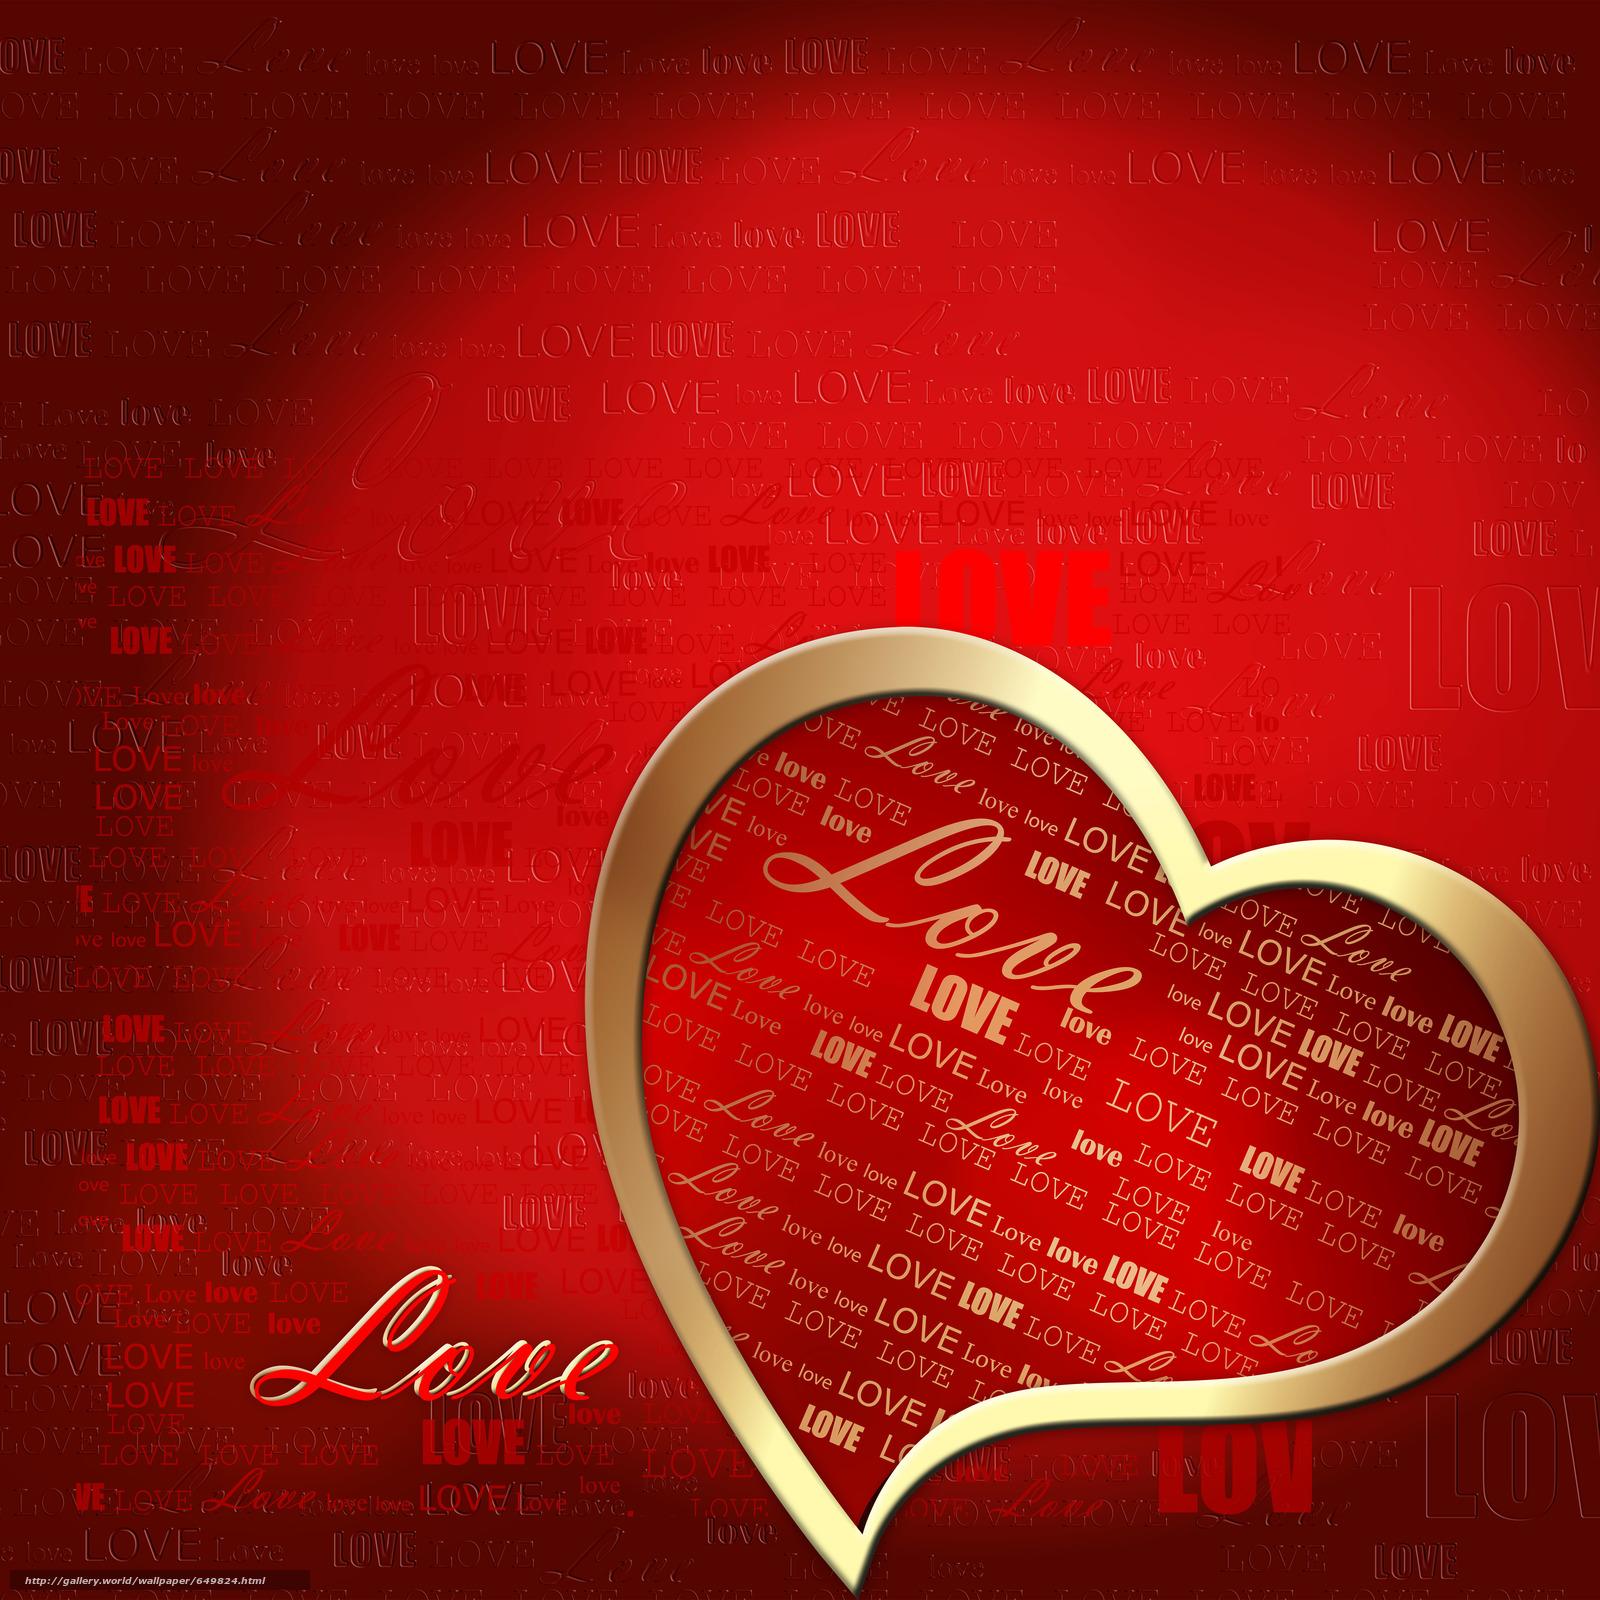 Скачать обои Валентинки,  Валентинка,  День святого Валентина,  день влюблённых бесплатно для рабочего стола в разрешении 6000x6000 — картинка №649824